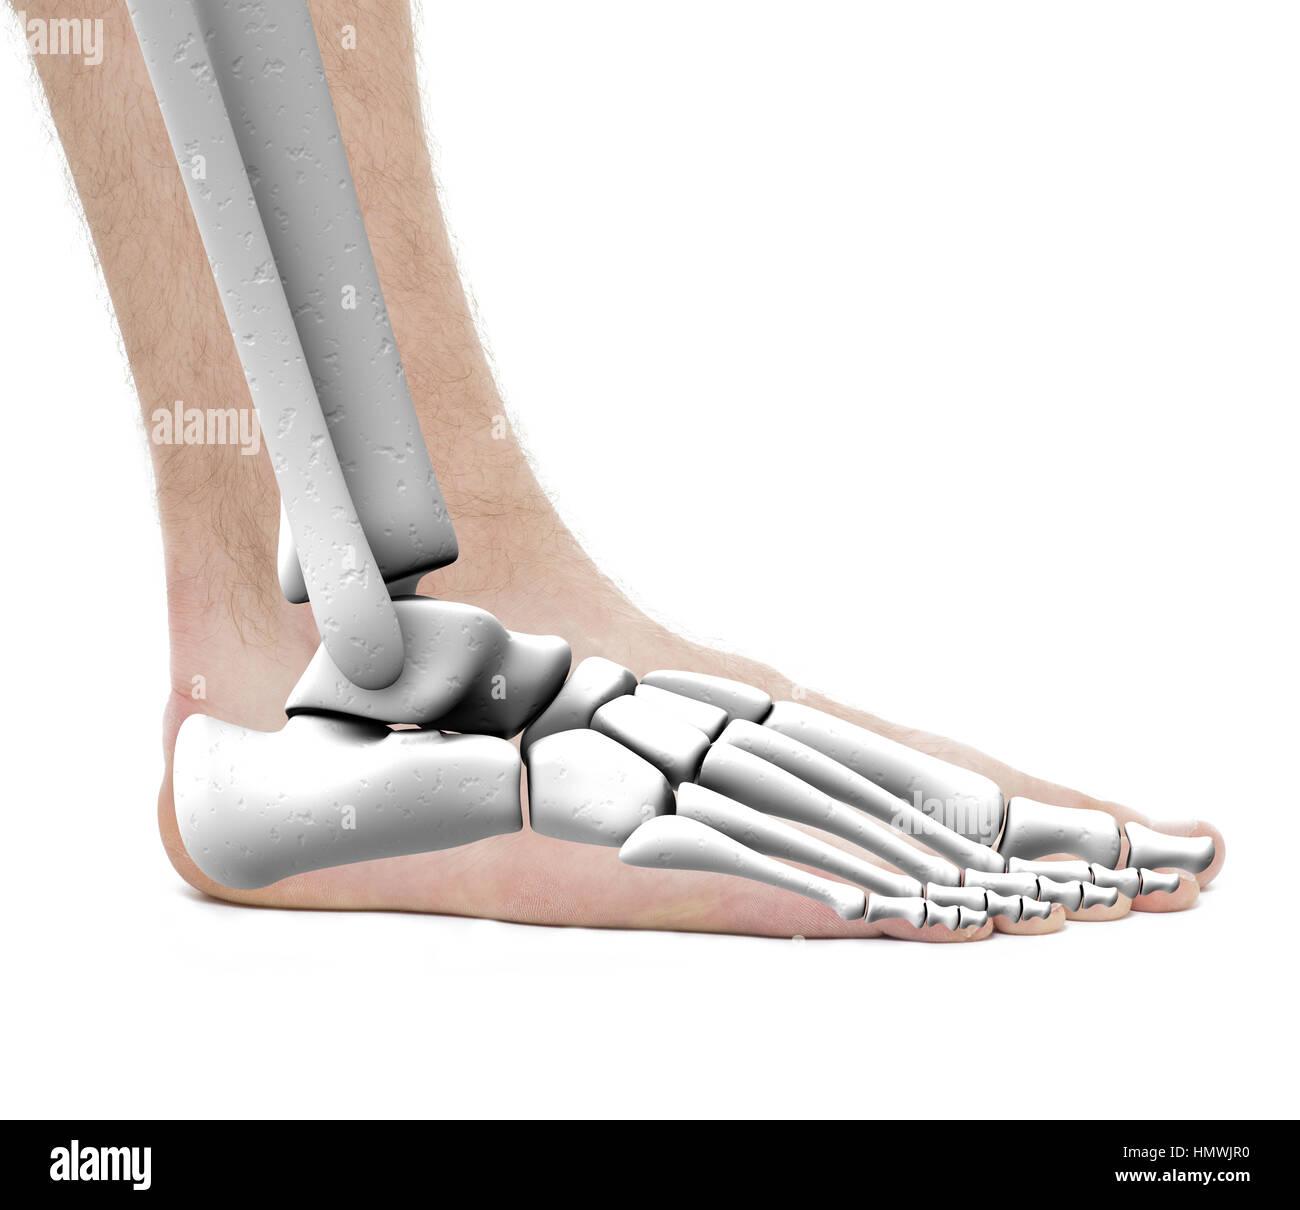 Los huesos del tobillo pie - anatomía masculina - Foto de estudio ...